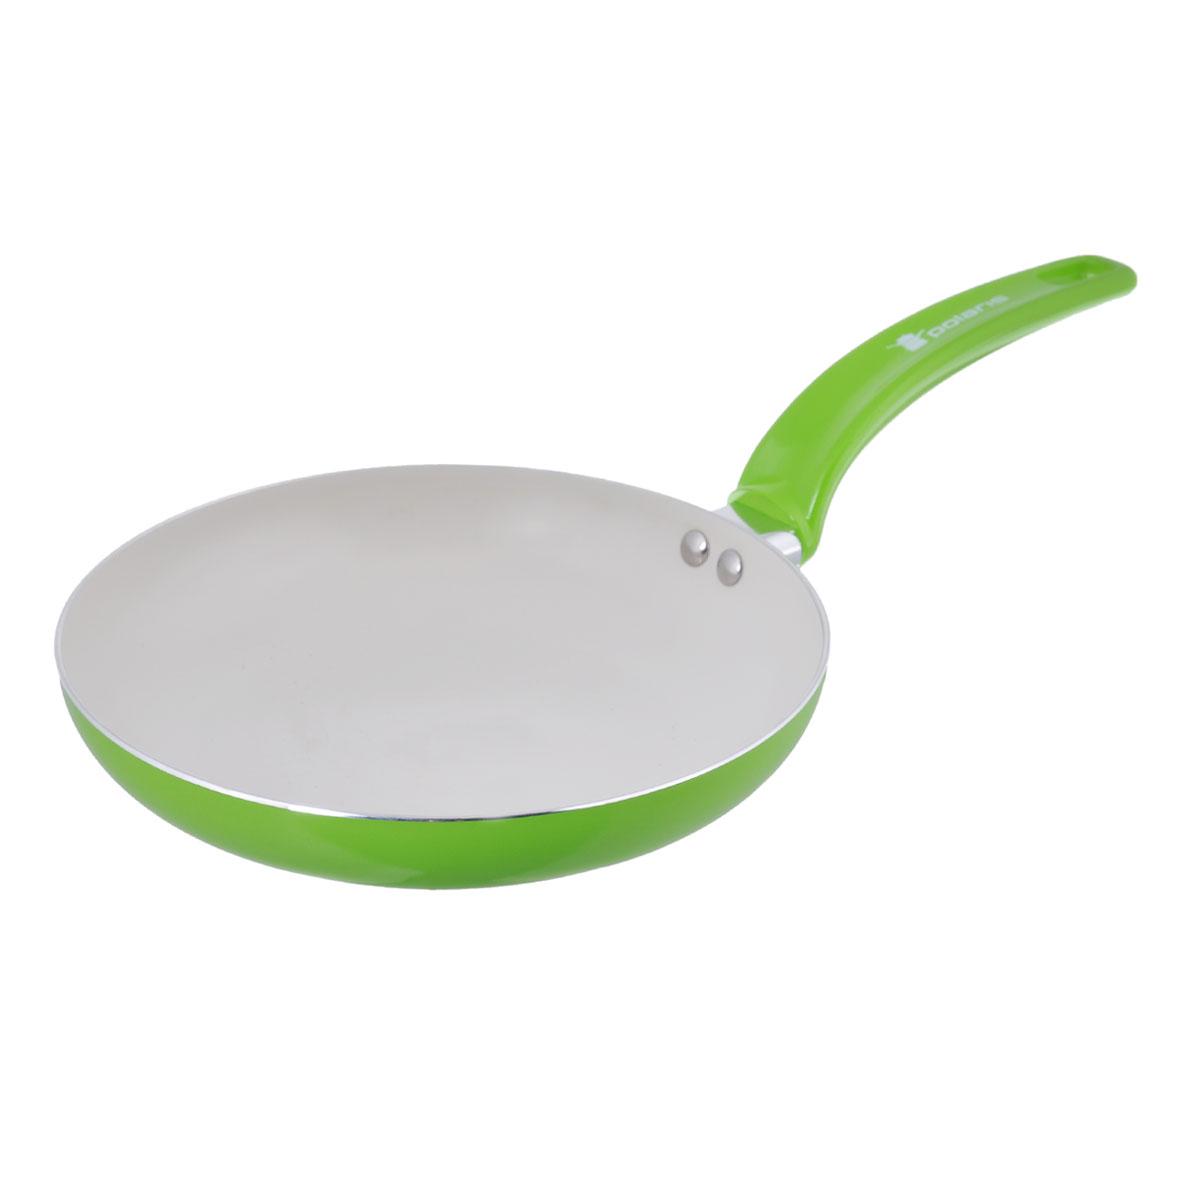 Сковорода Polaris Rainbow, с керамическим покрытием, цвет: салатовый. Диаметр 24 смRain-24FСковорода Polaris Rainbow изготовлена из штампованного алюминия толщиной 2,5 мм с керамическим антипригарным покрытием. Данное покрытие является абсолютно экологичным и не содержит вредных веществ, таких как PTFE и PFOA. Это позволяет готовить здоровую пищу с минимальным добавлением жира или подсолнечного масла. Сковорода быстро разогревается и распределяет тепло по всей поверхности. Сковорода оснащена удобной ручкой из бакелита. Изделие подходит для газовых, электрических, стеклокерамических плит. Не подходит для индукционных плит. Сковороду можно мыть в посудомоечной машине. Не использовать в СВЧ-печах. Высота стенки: 4,5 см. Толщина стенки: 2,5 мм. Толщина дна: 2,5 мм. Длина ручки: 18 см.